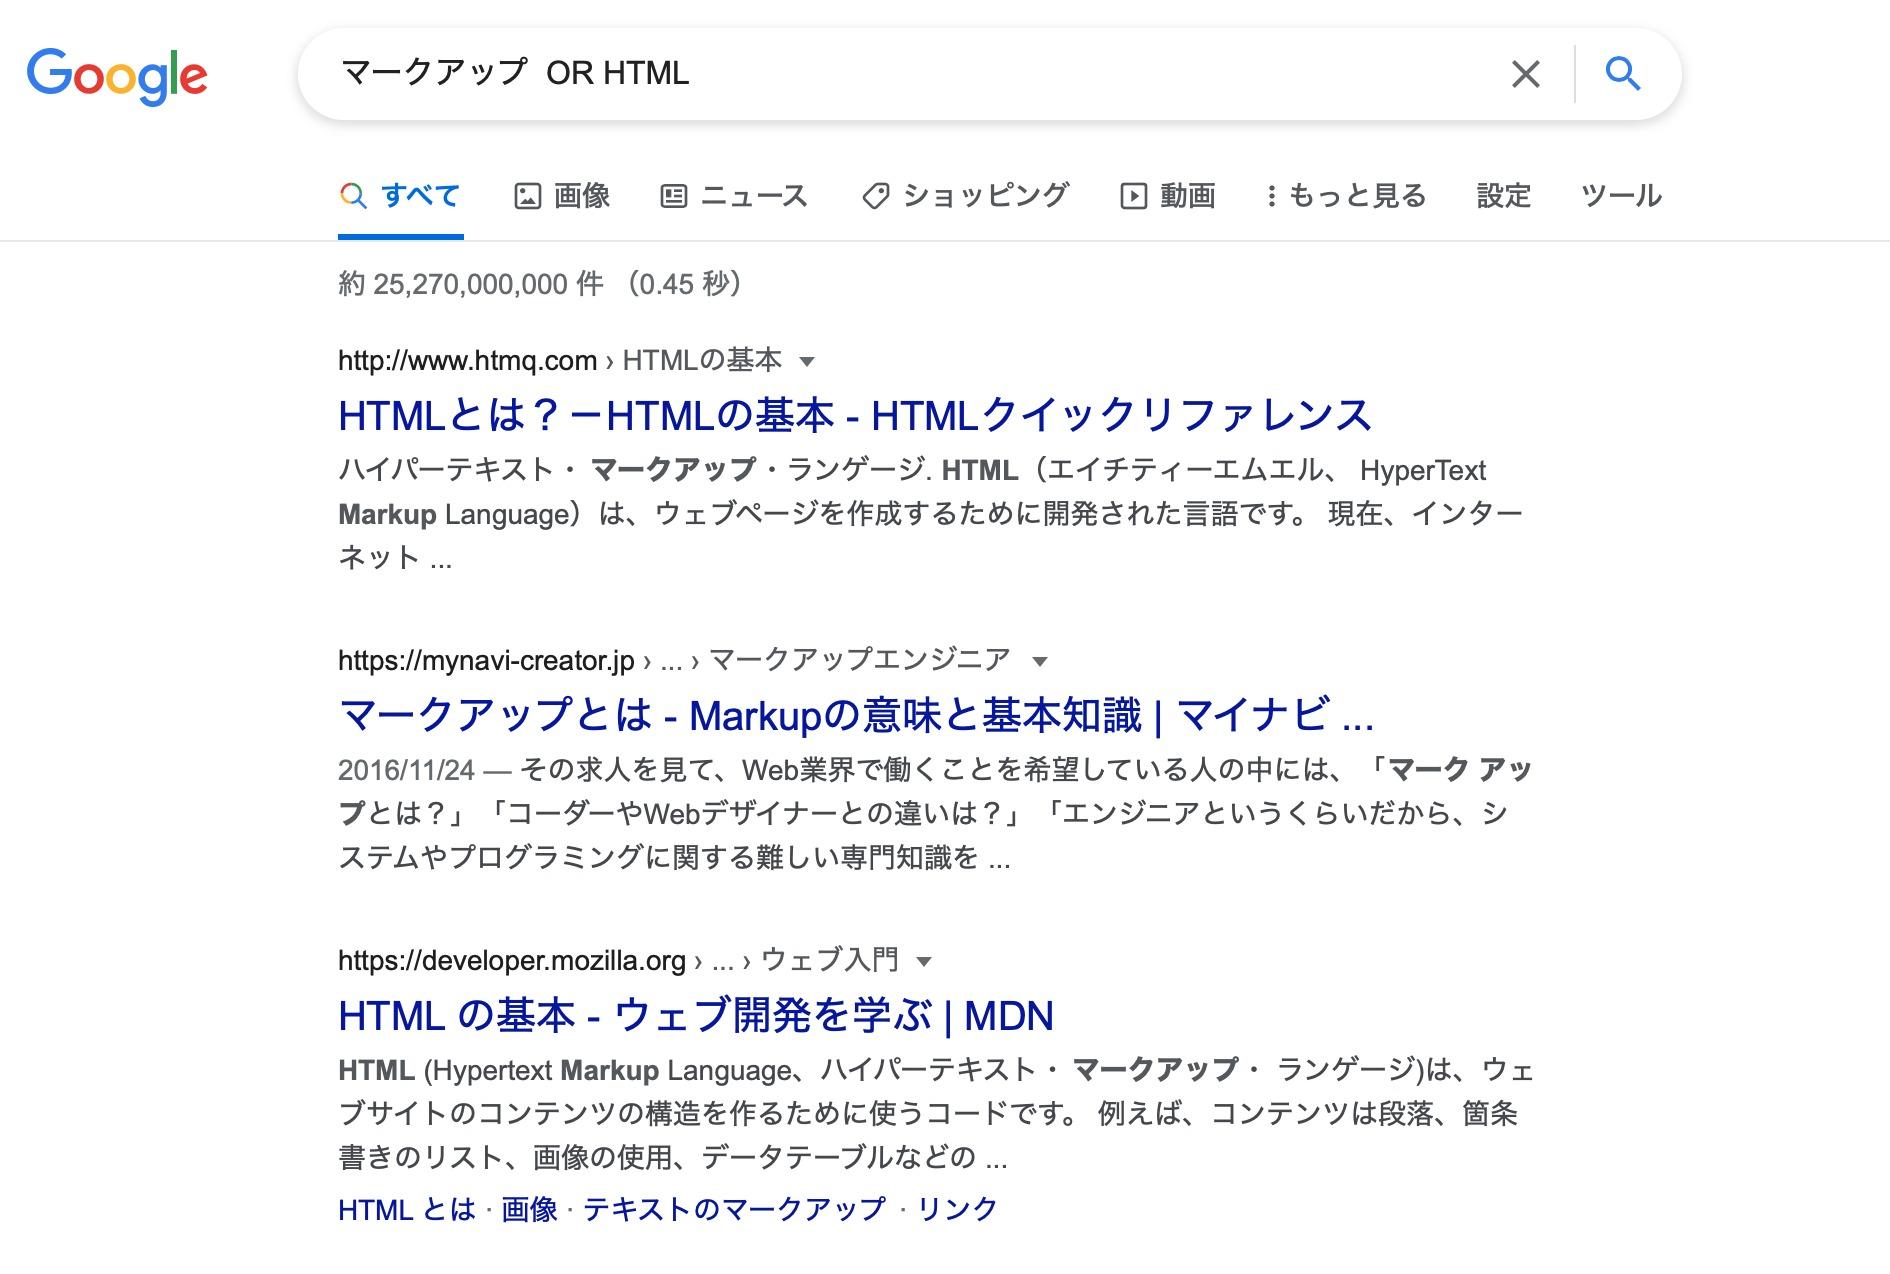 Google検索窓に入力された「OR検索」の例